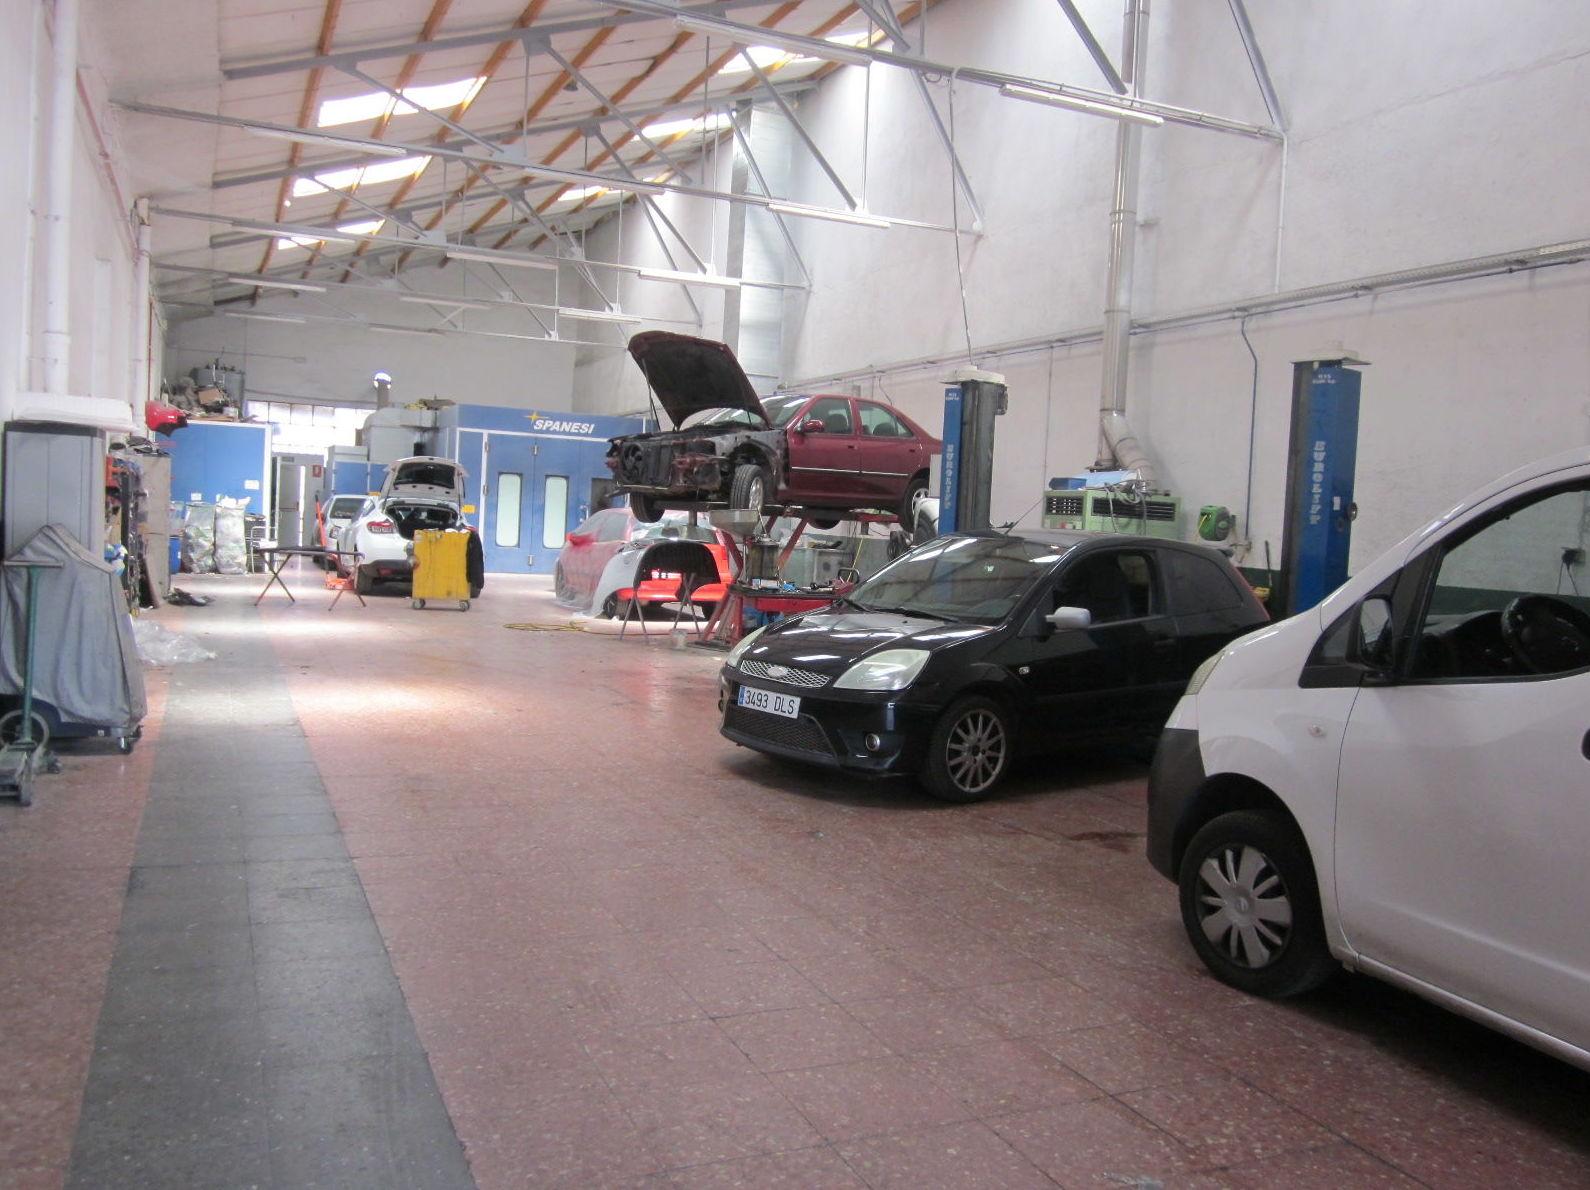 Foto 1 de Talleres de chapa y pintura, mecánica y electricidad en Fuenlabrada | TALLERES BRAVOCAR, S.L.